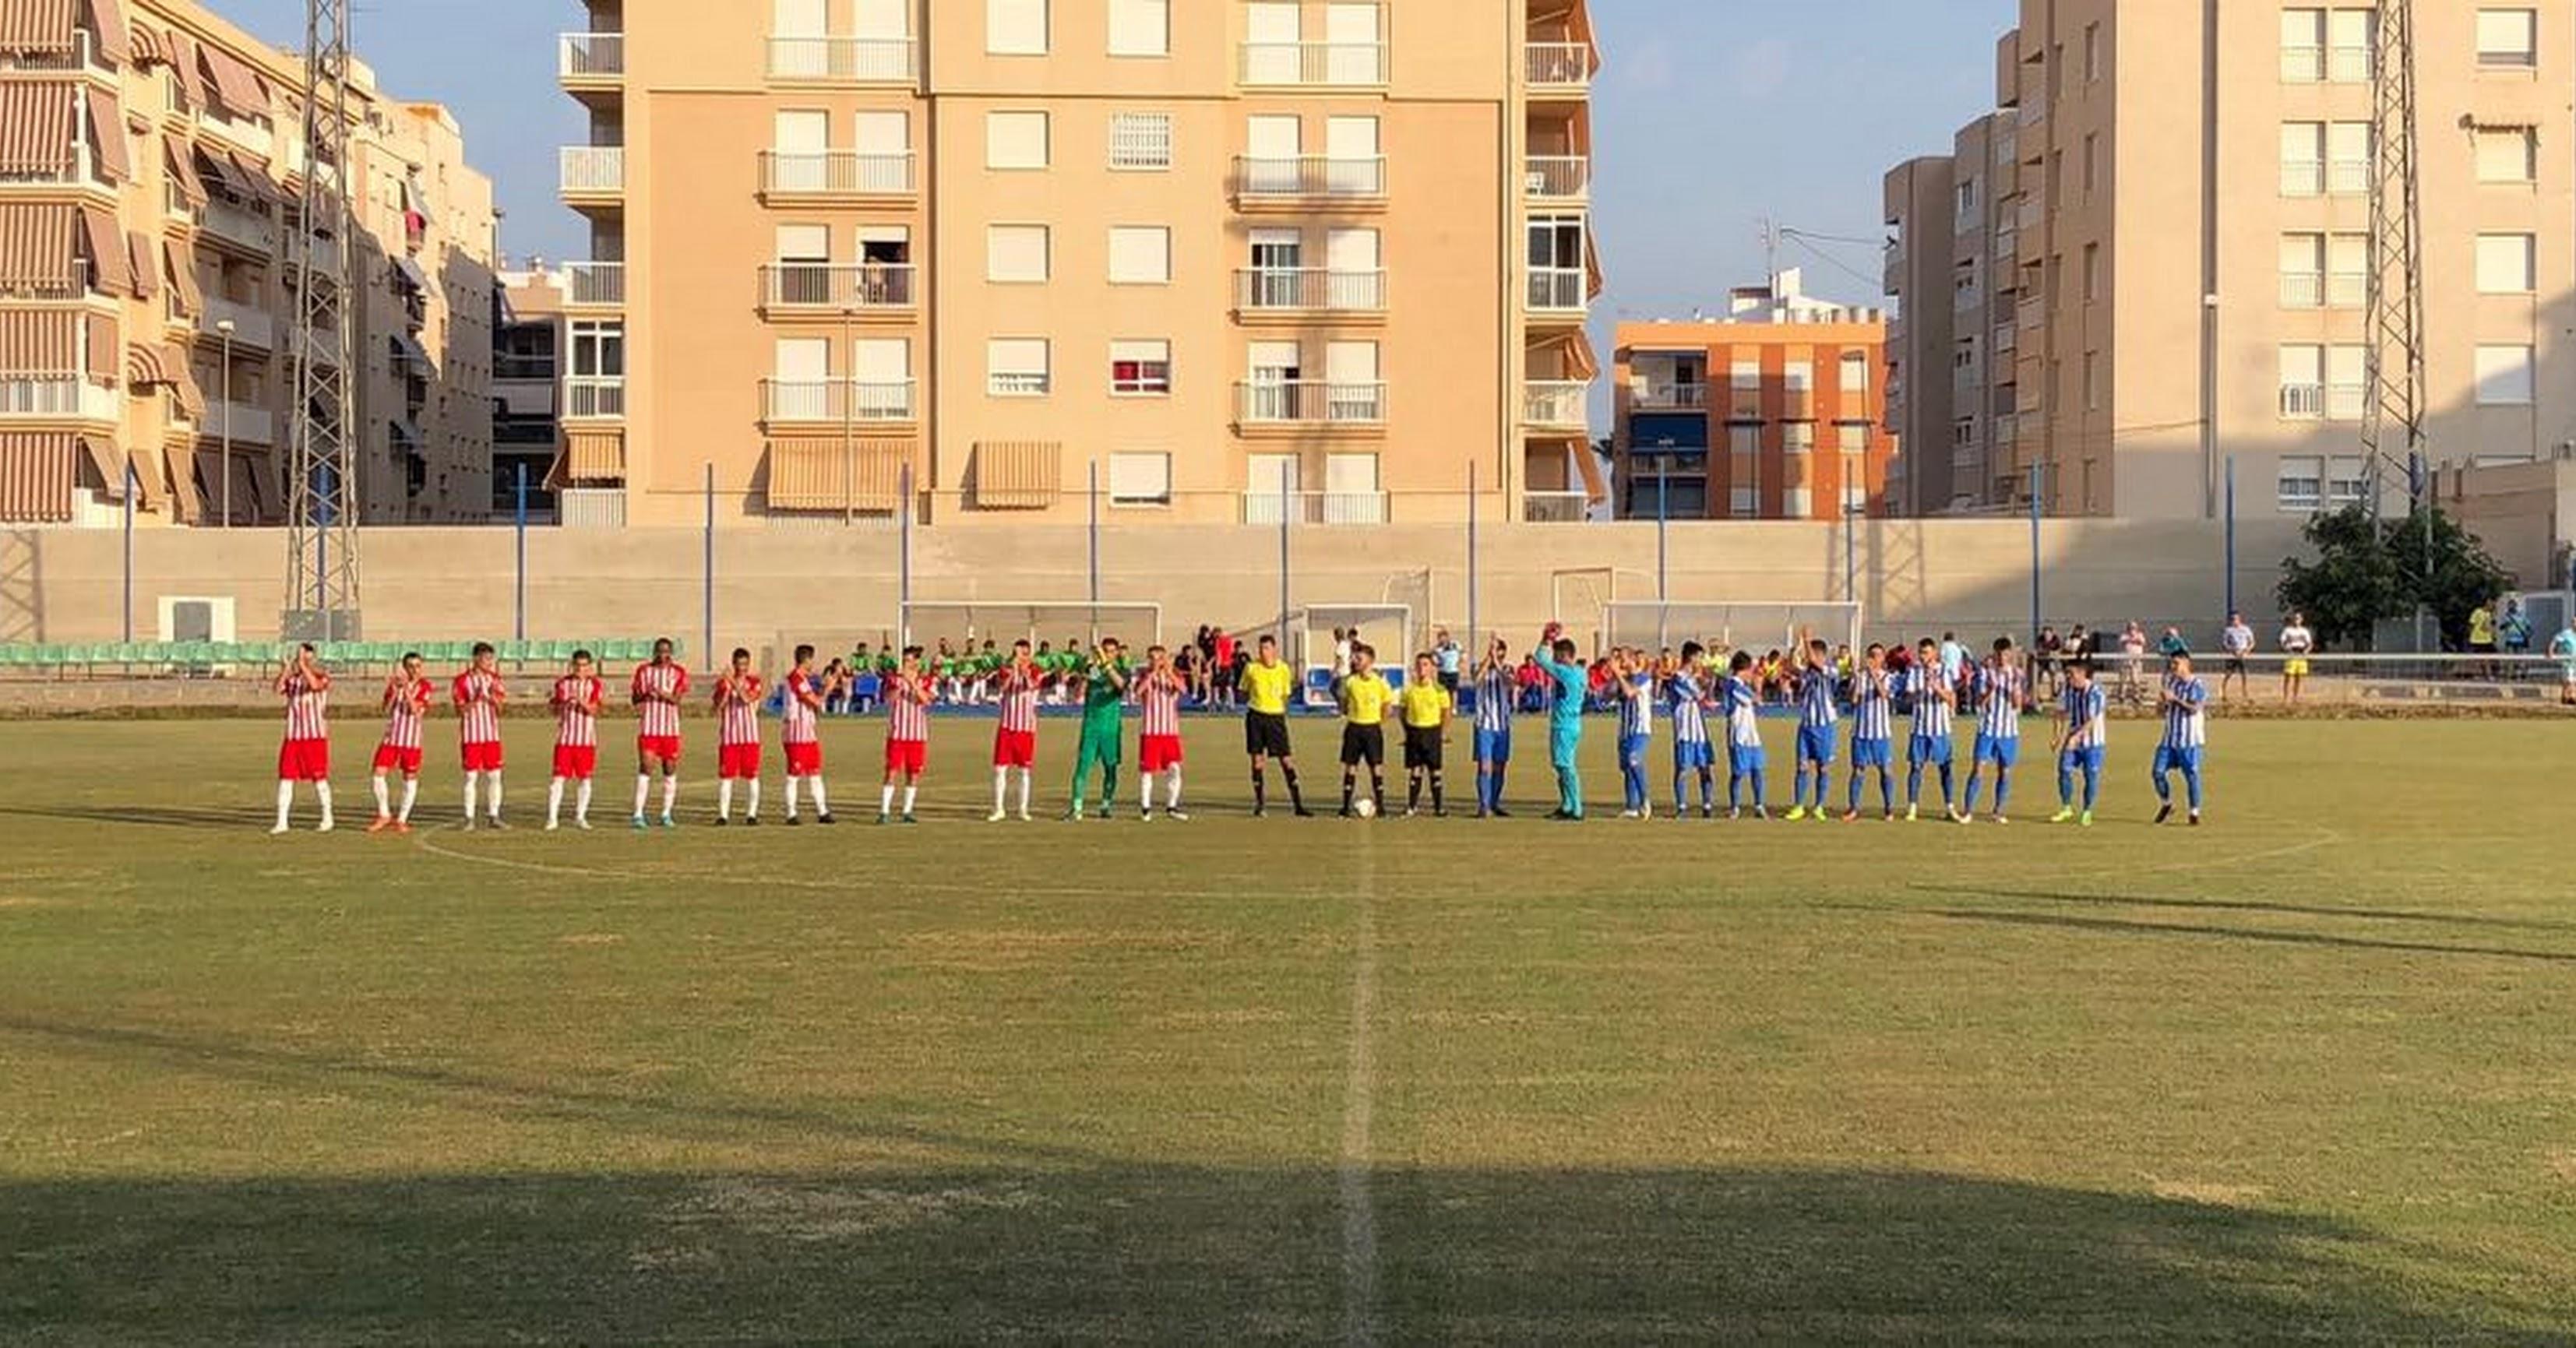 Los equipos se saludan en el centro del campo.